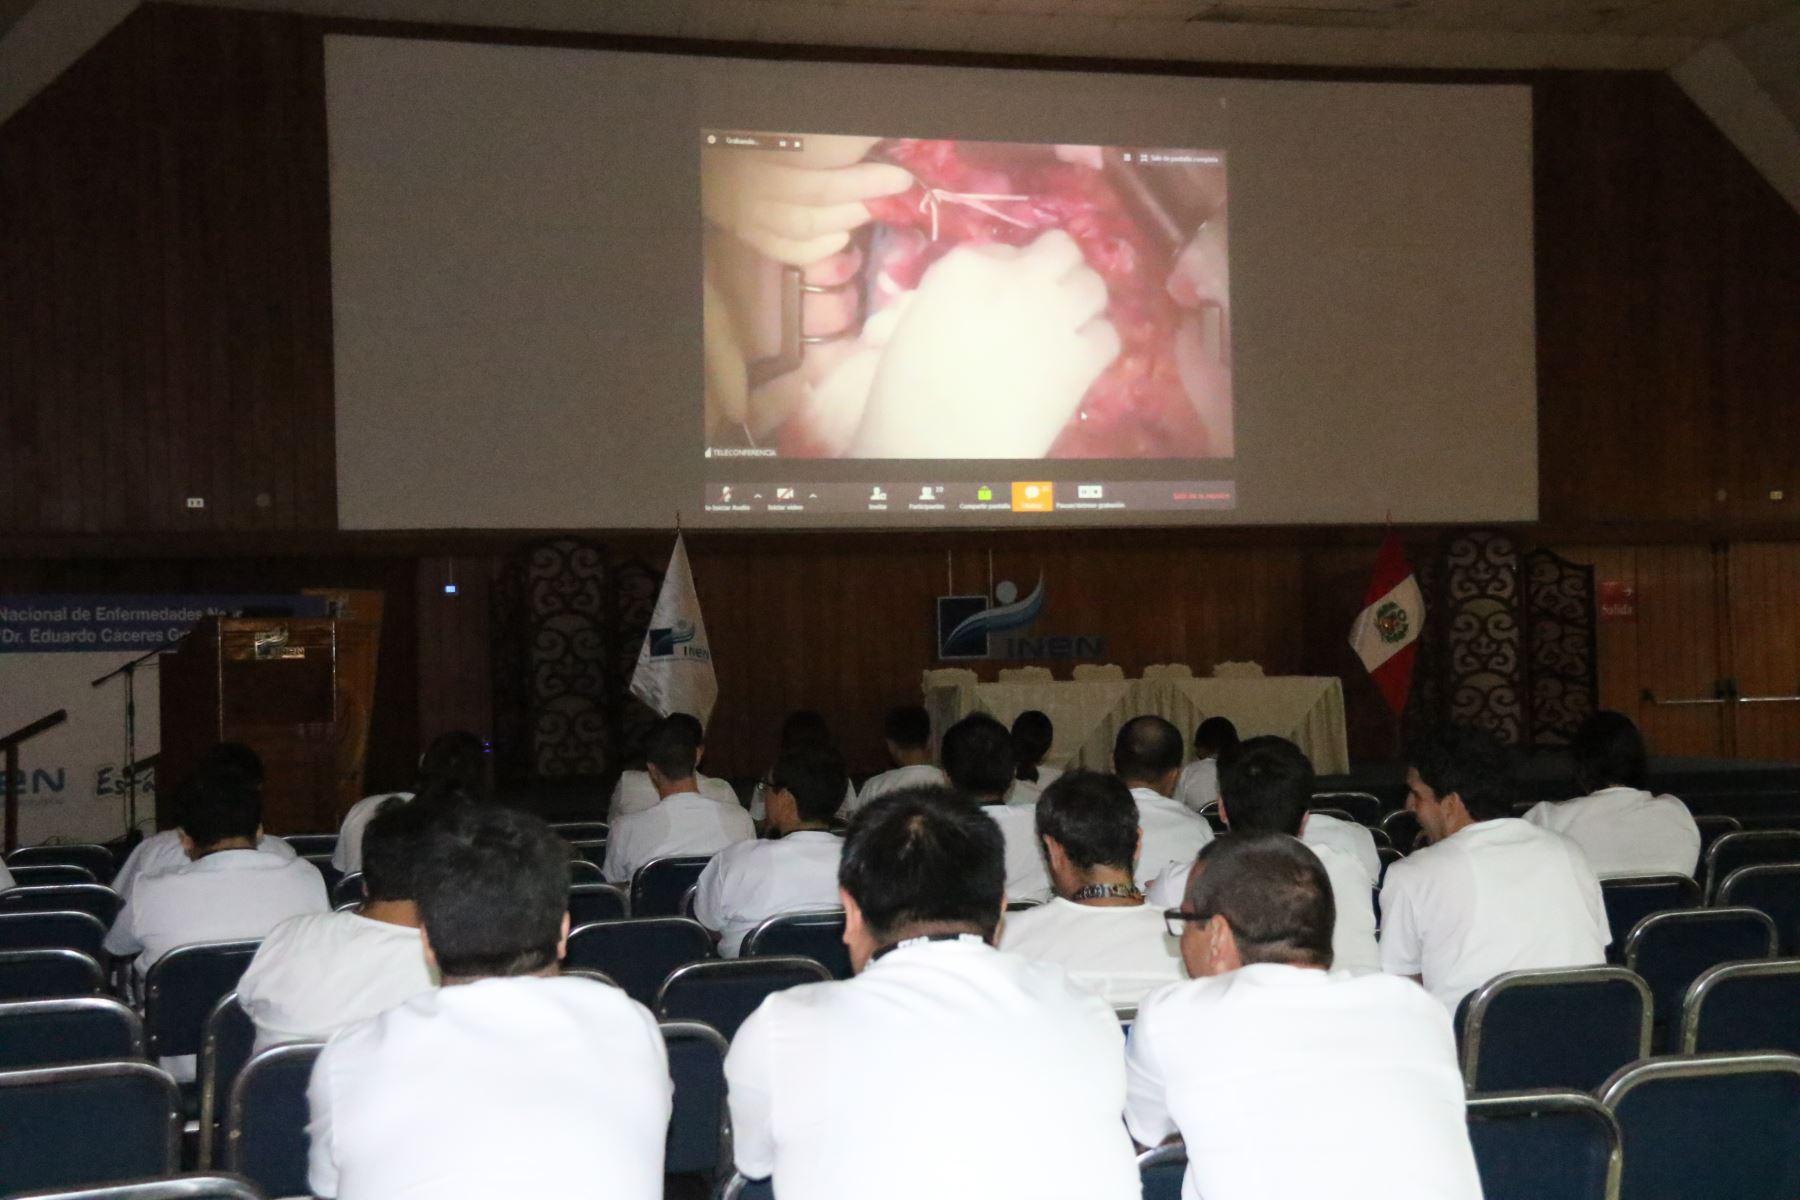 Profesionales de la salud pudieron observar una cirugía transmitida en directo en el INEN: Foto: ANDINA/Difusión.